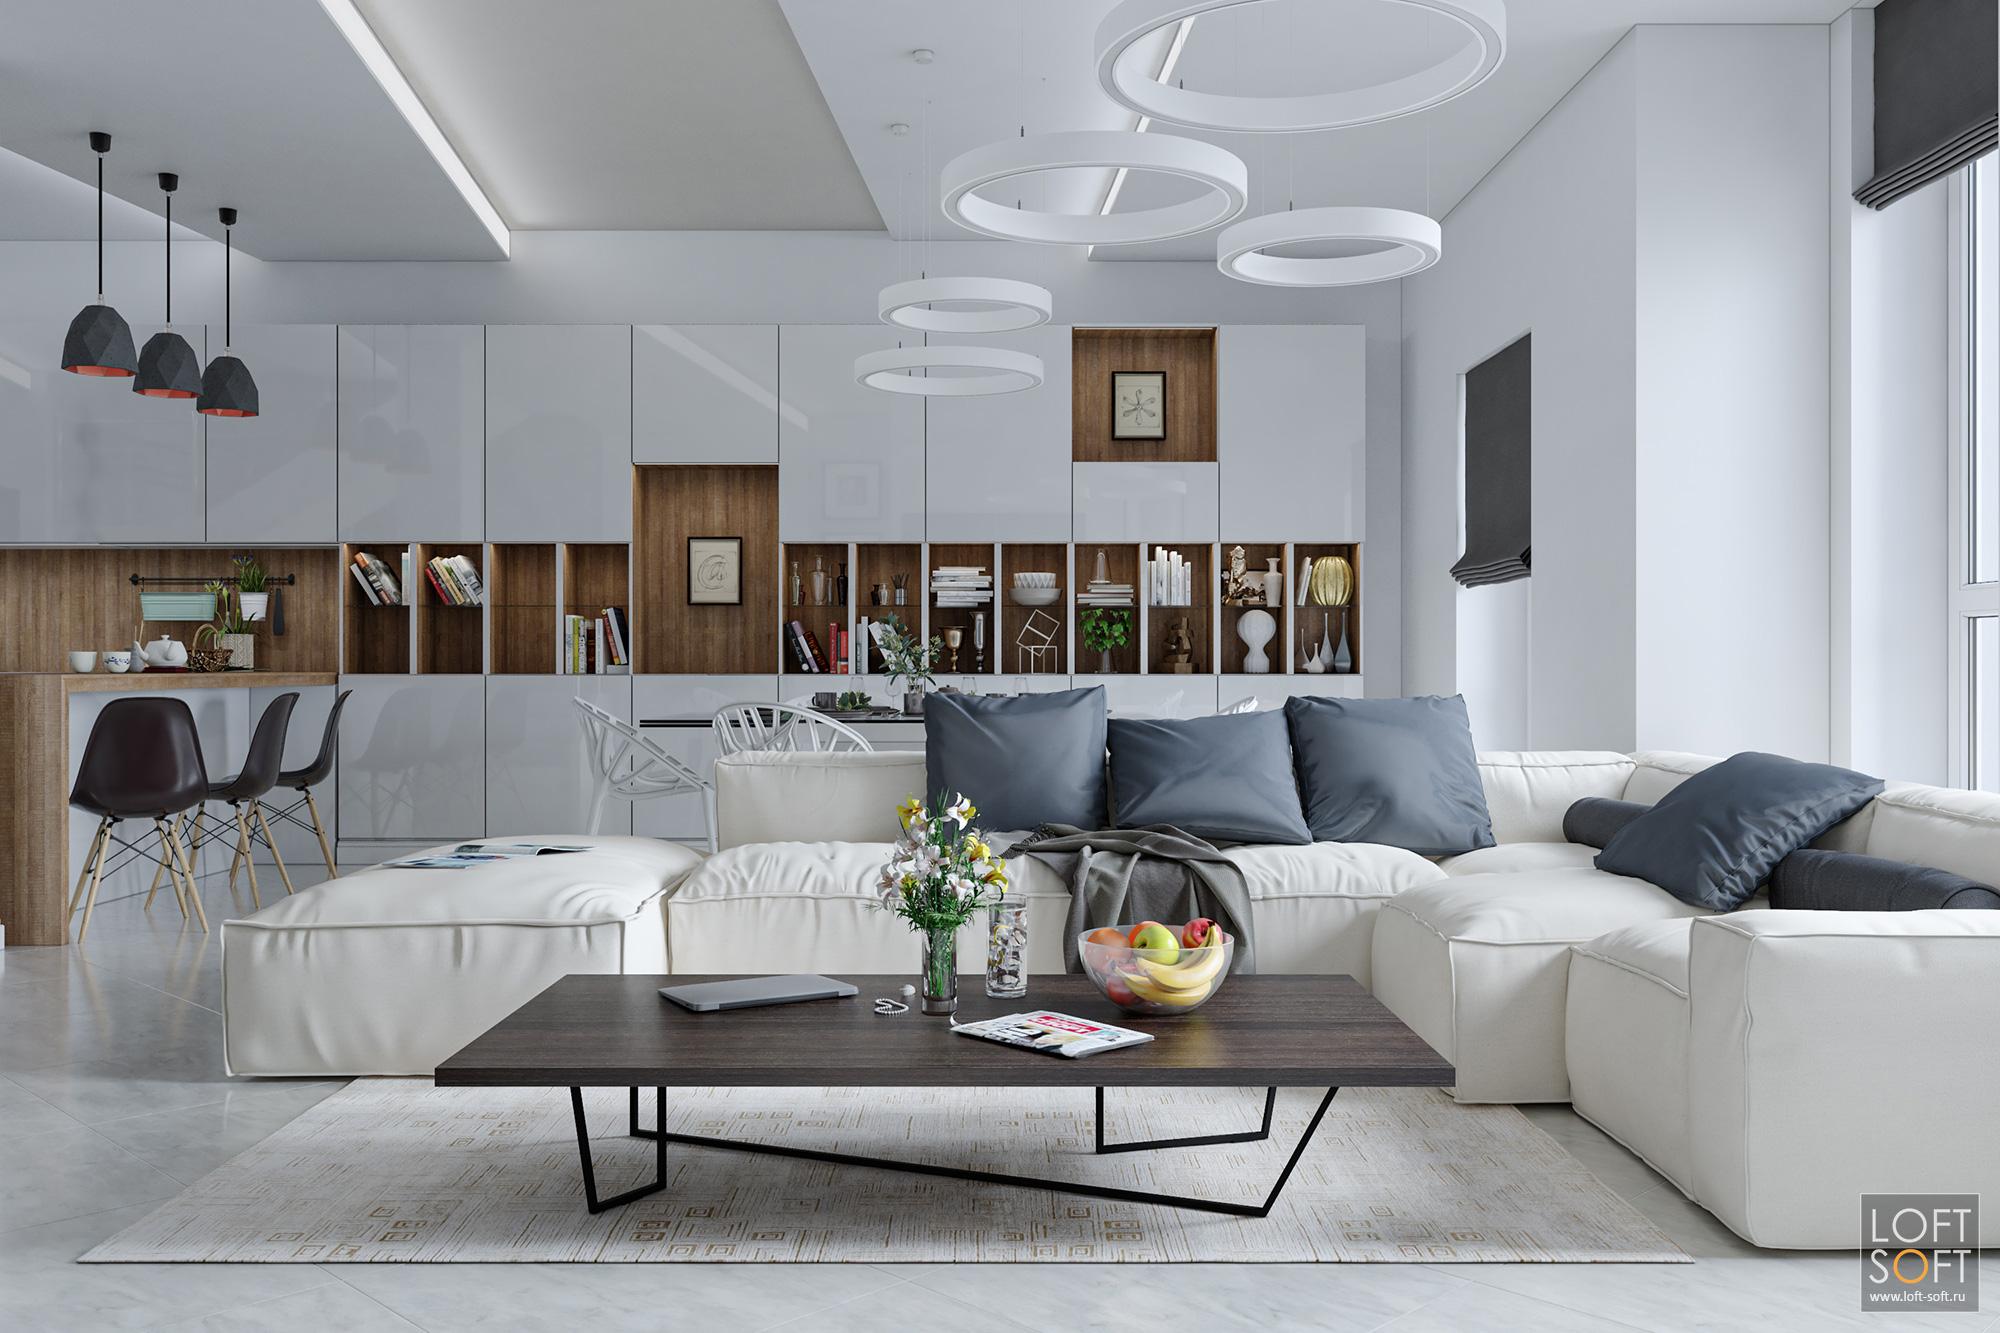 Многоуровневый потолок вгостиной. Современный дизайн таунхауса.